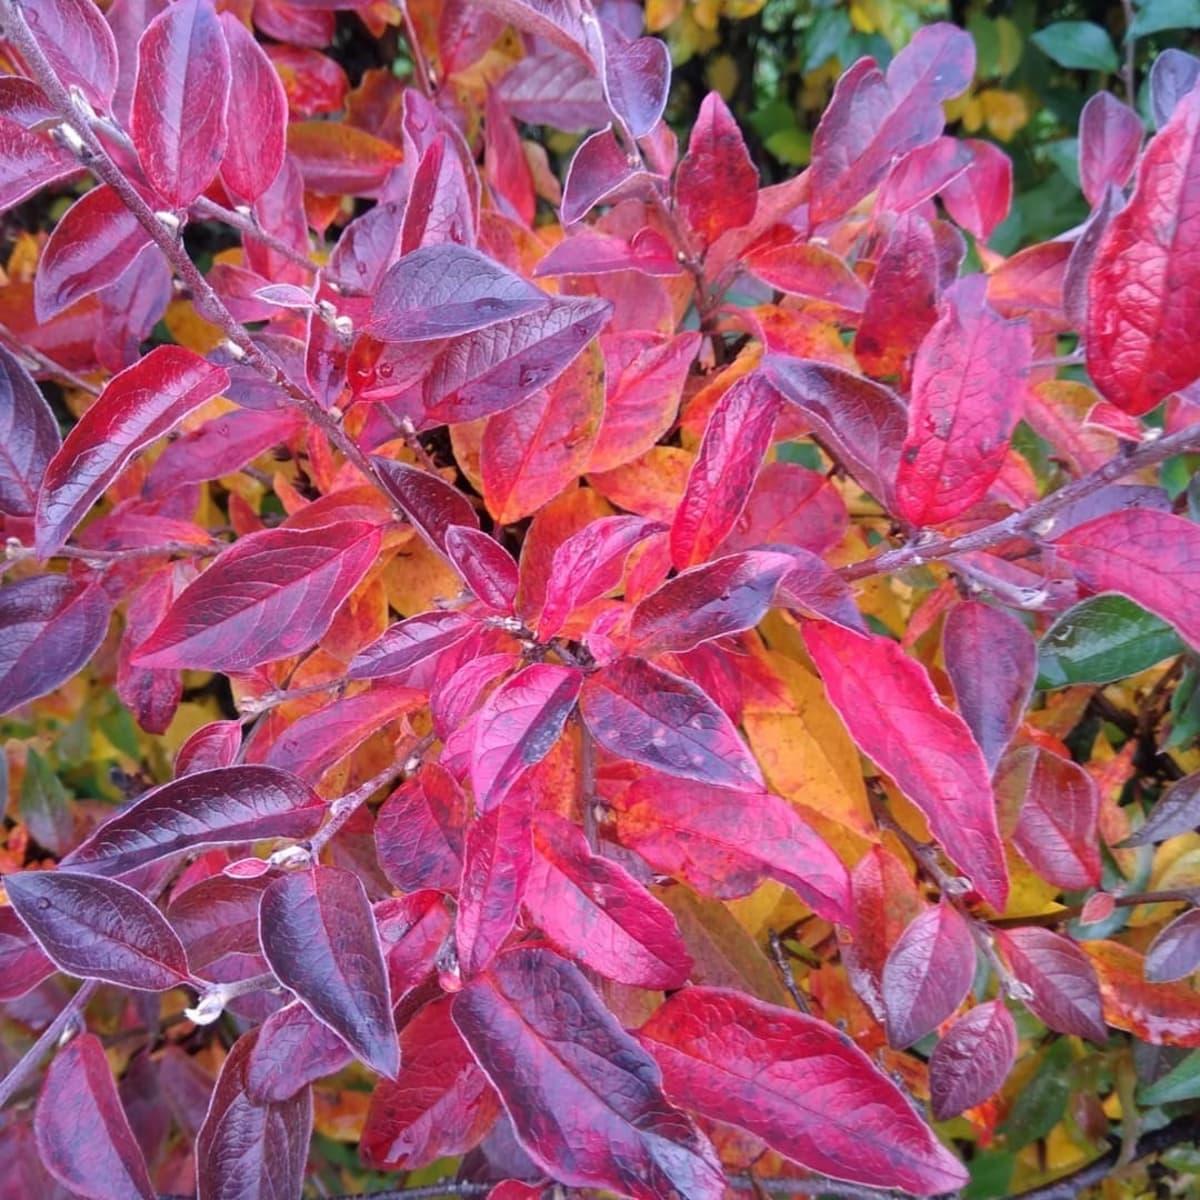 Kasvin lehdet ovat syksyllä punaiset.